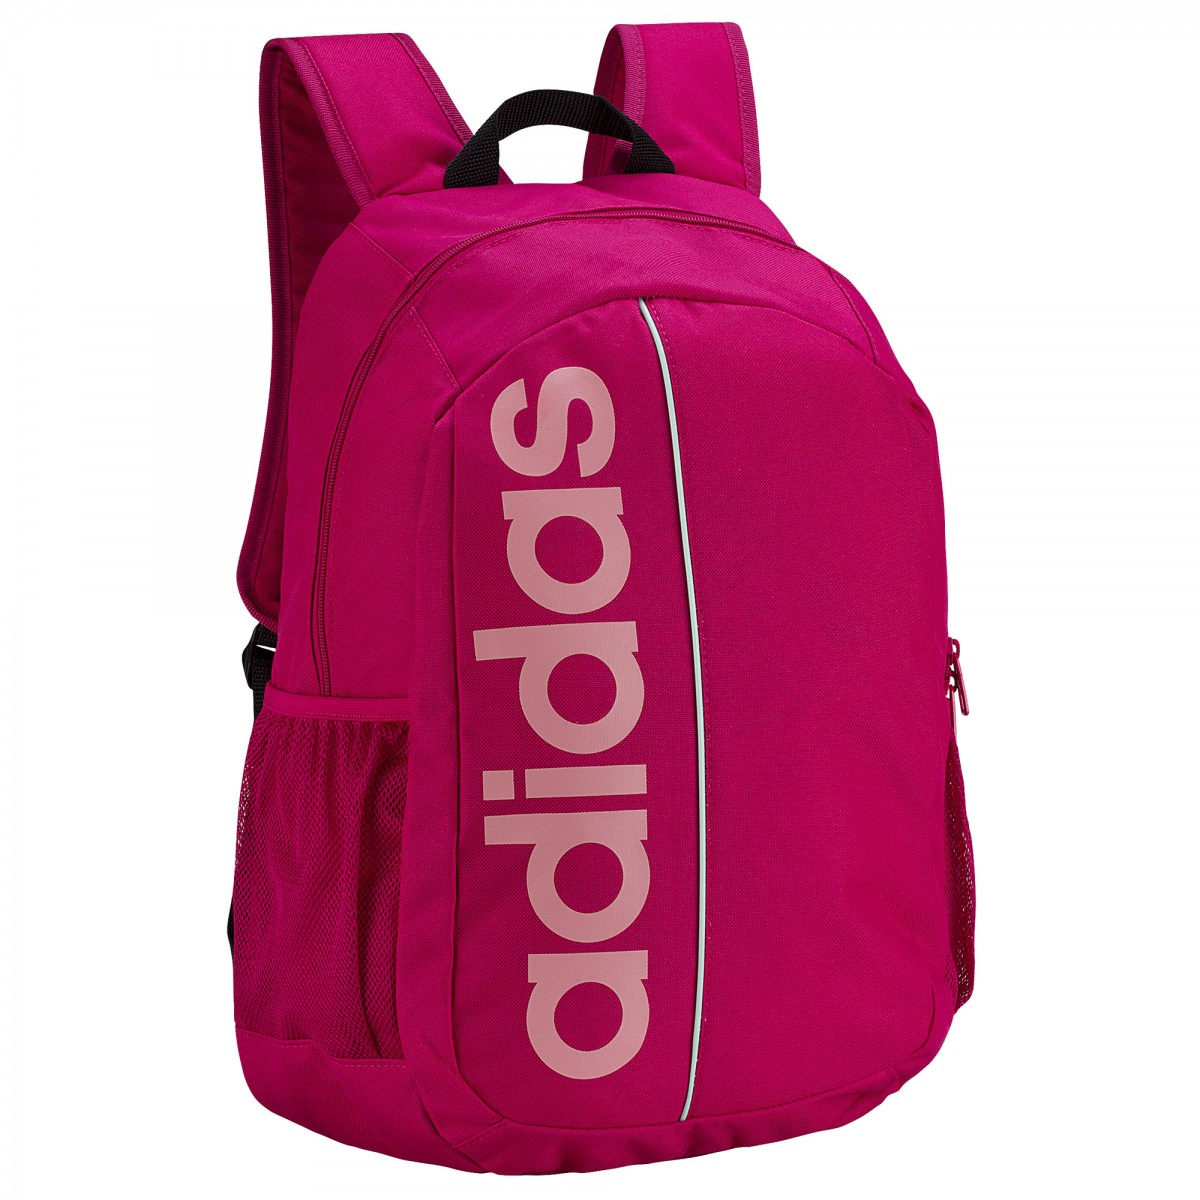 06c208fd67 Mochila Adidas Essentials Linear